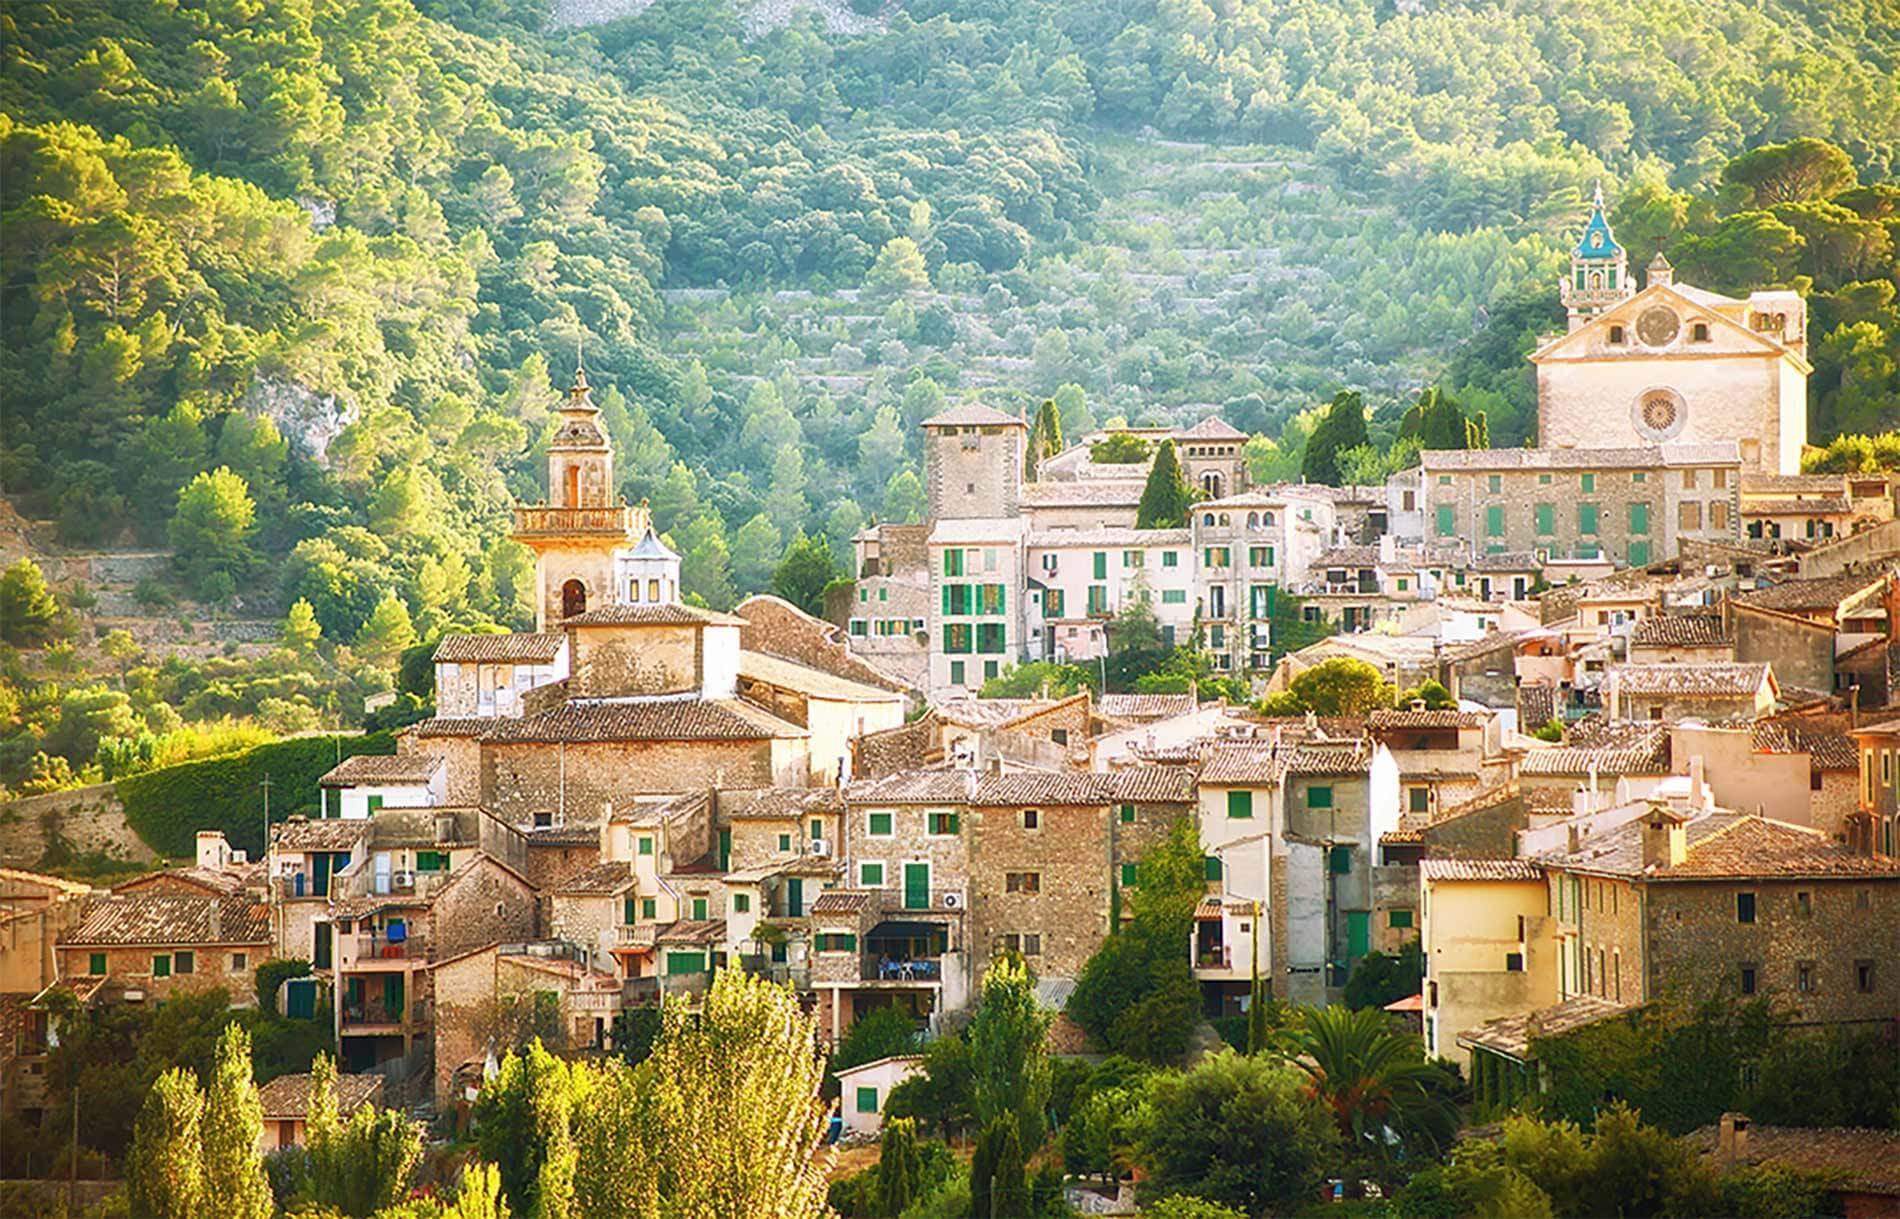 Valdemosa Old Town